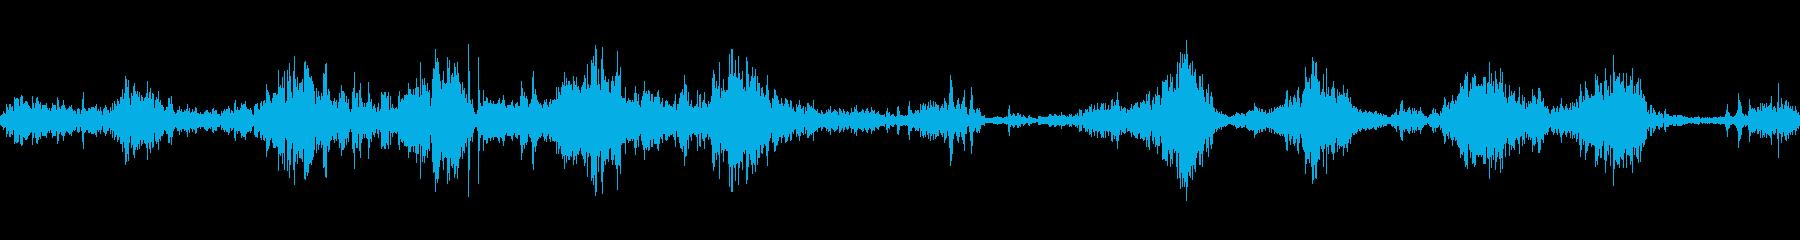 破壊ロボットの崩壊の再生済みの波形